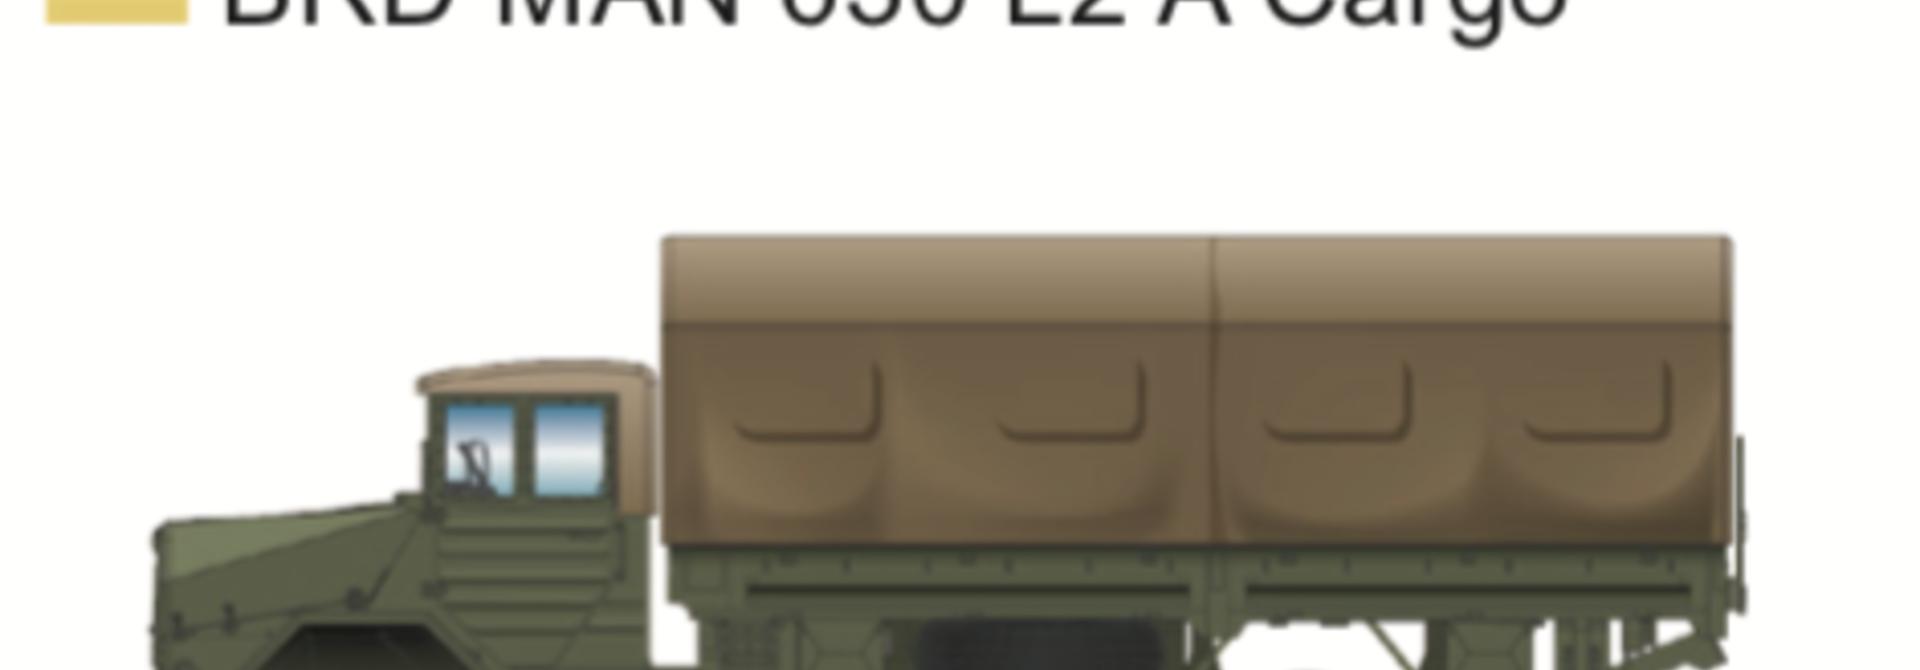 1870171 BRD MAN 630 L2 A Cargo